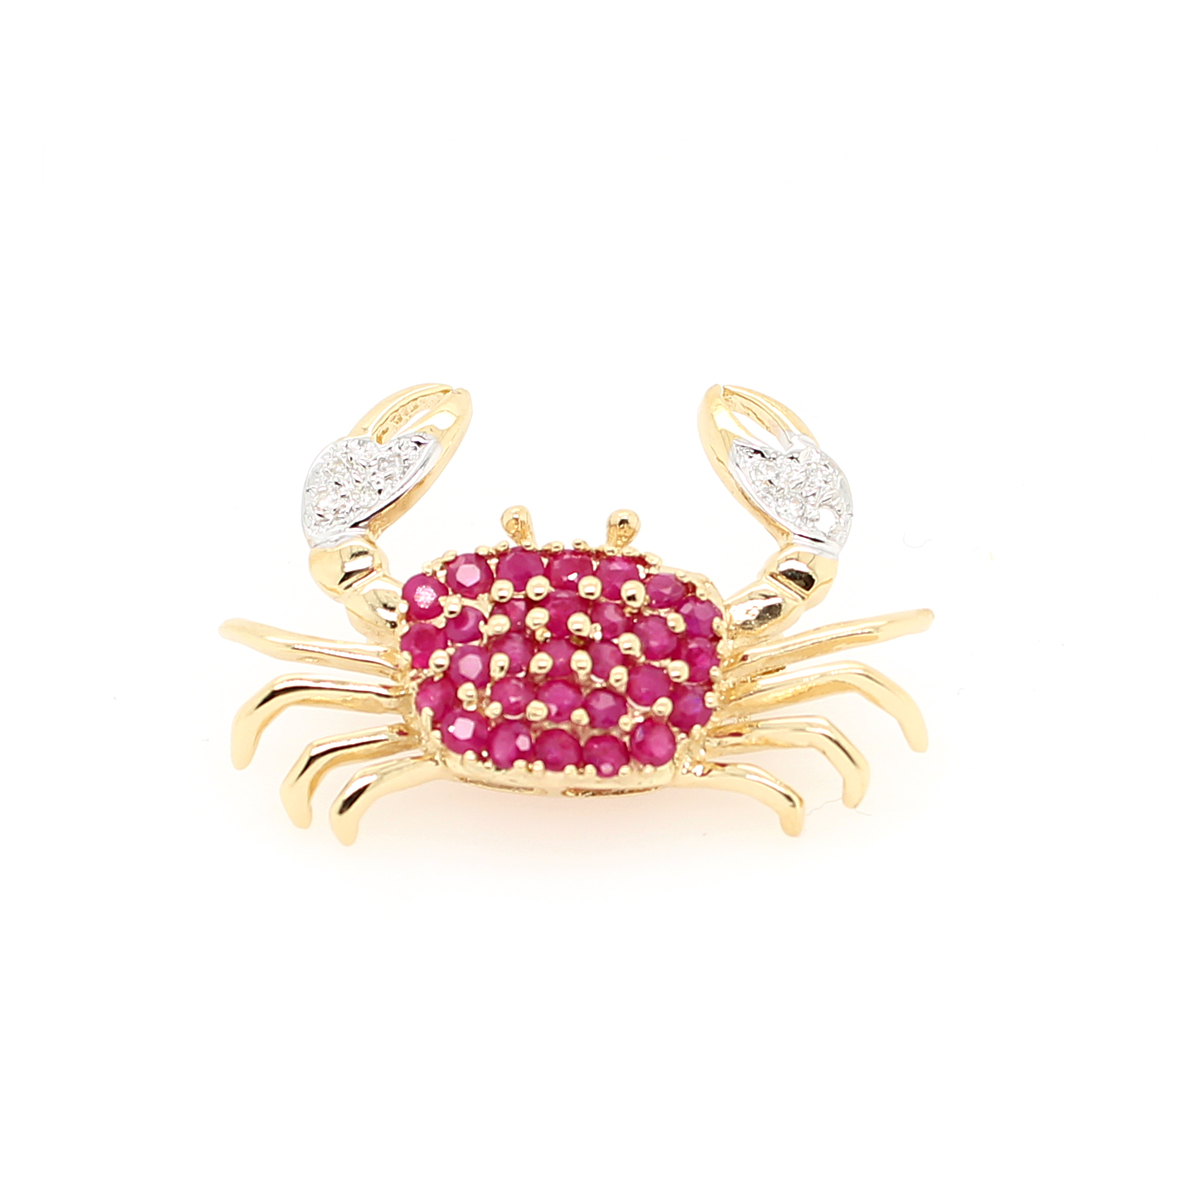 Vintage 14 Karat Yellow Gold Diamond & Ruby Crab Pin